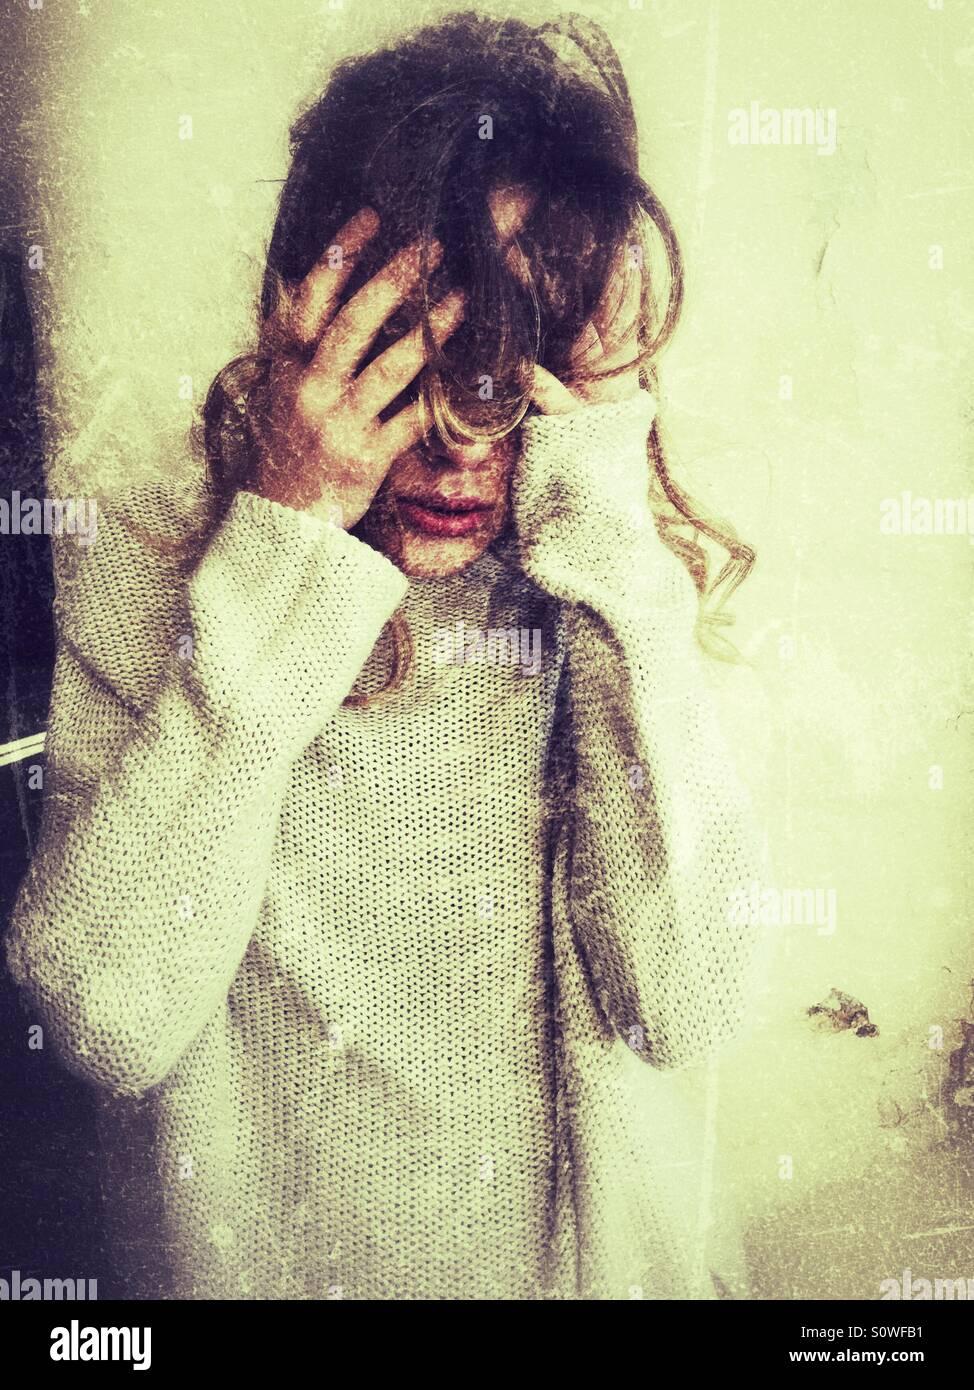 Jeune femme déprimée se cachant la tête dans les mains Photo Stock